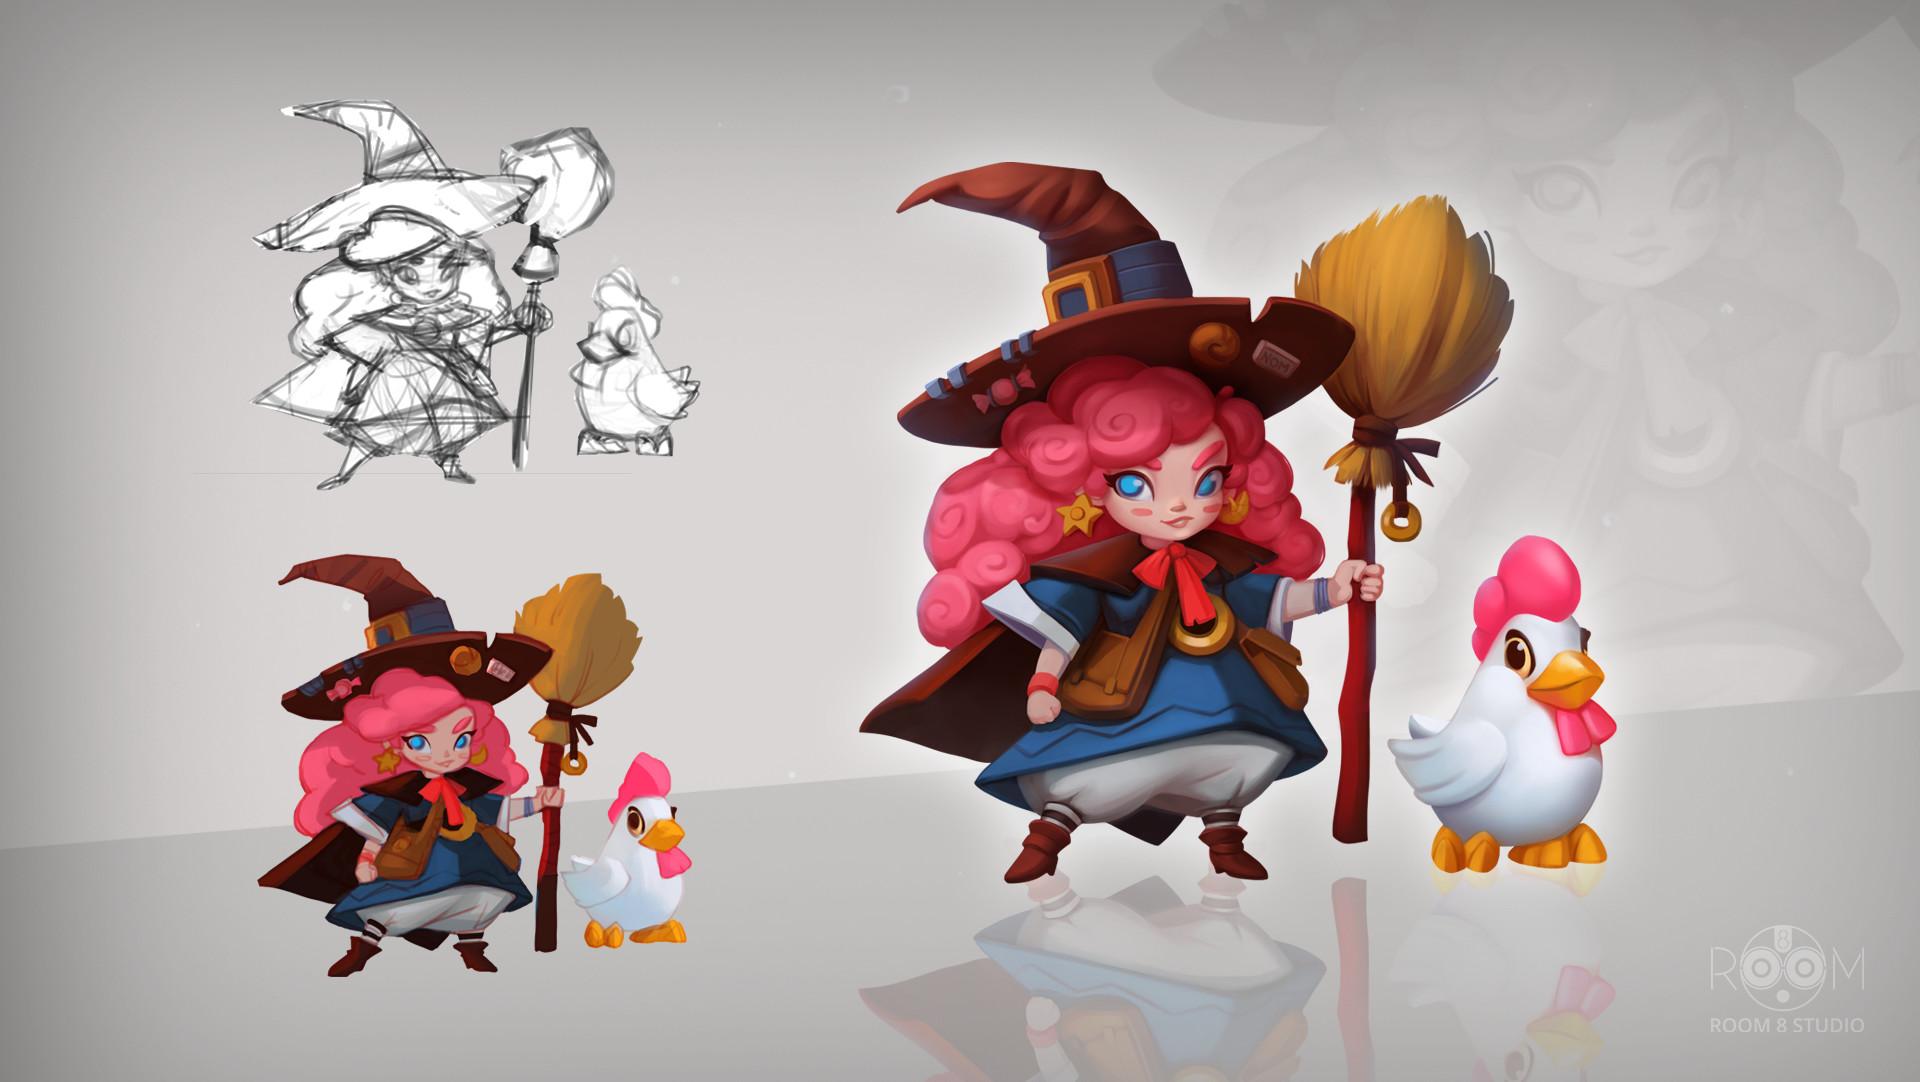 Room 8 studio character design5